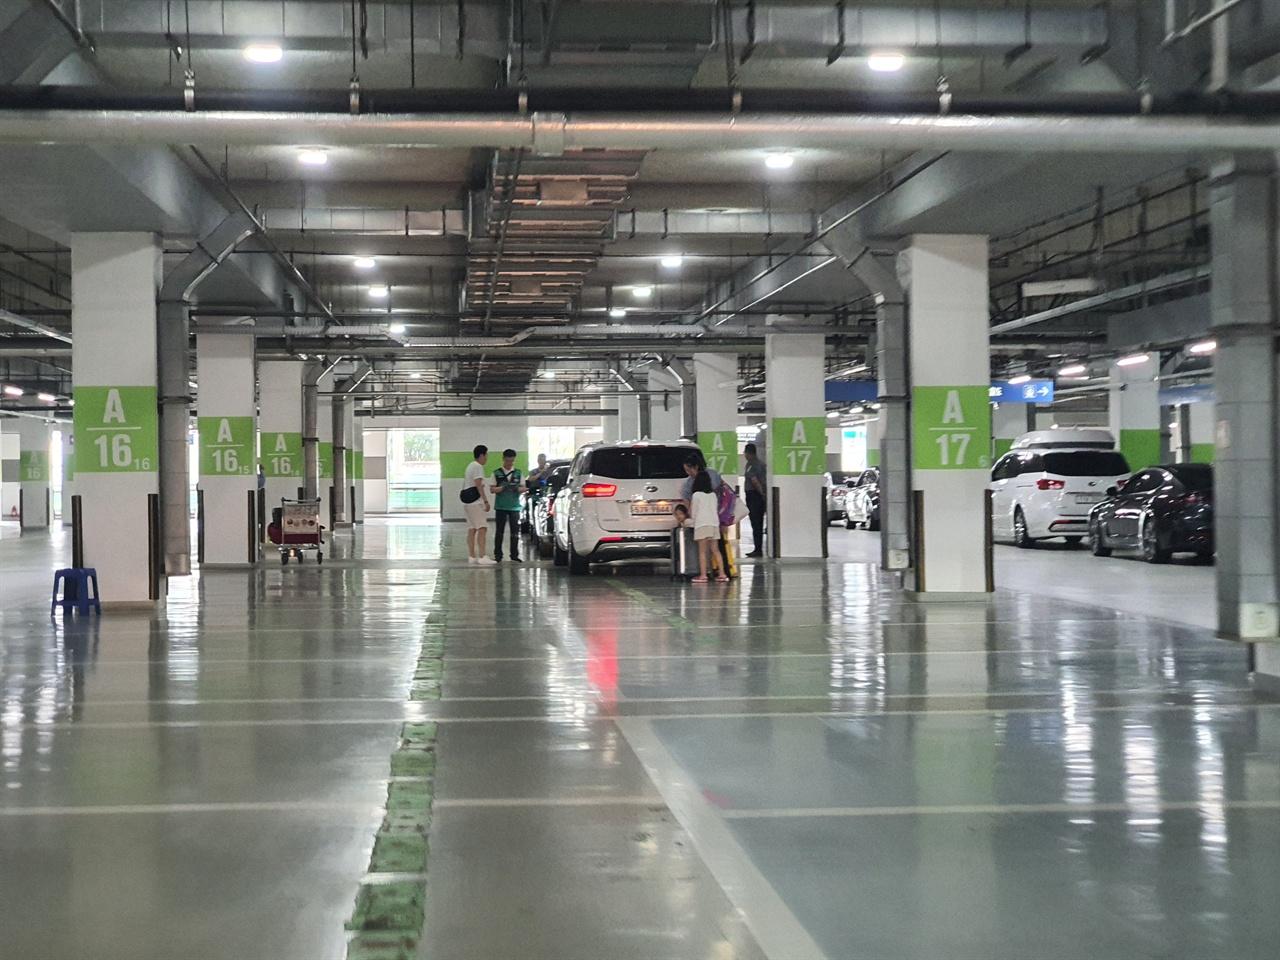 여객터미널 단기지하주차장 상주직원과 해외여행객의 차량으로 붐볐던 이곳은 공식주차대행업체의 차량 인도장소로 이용되고 있다.